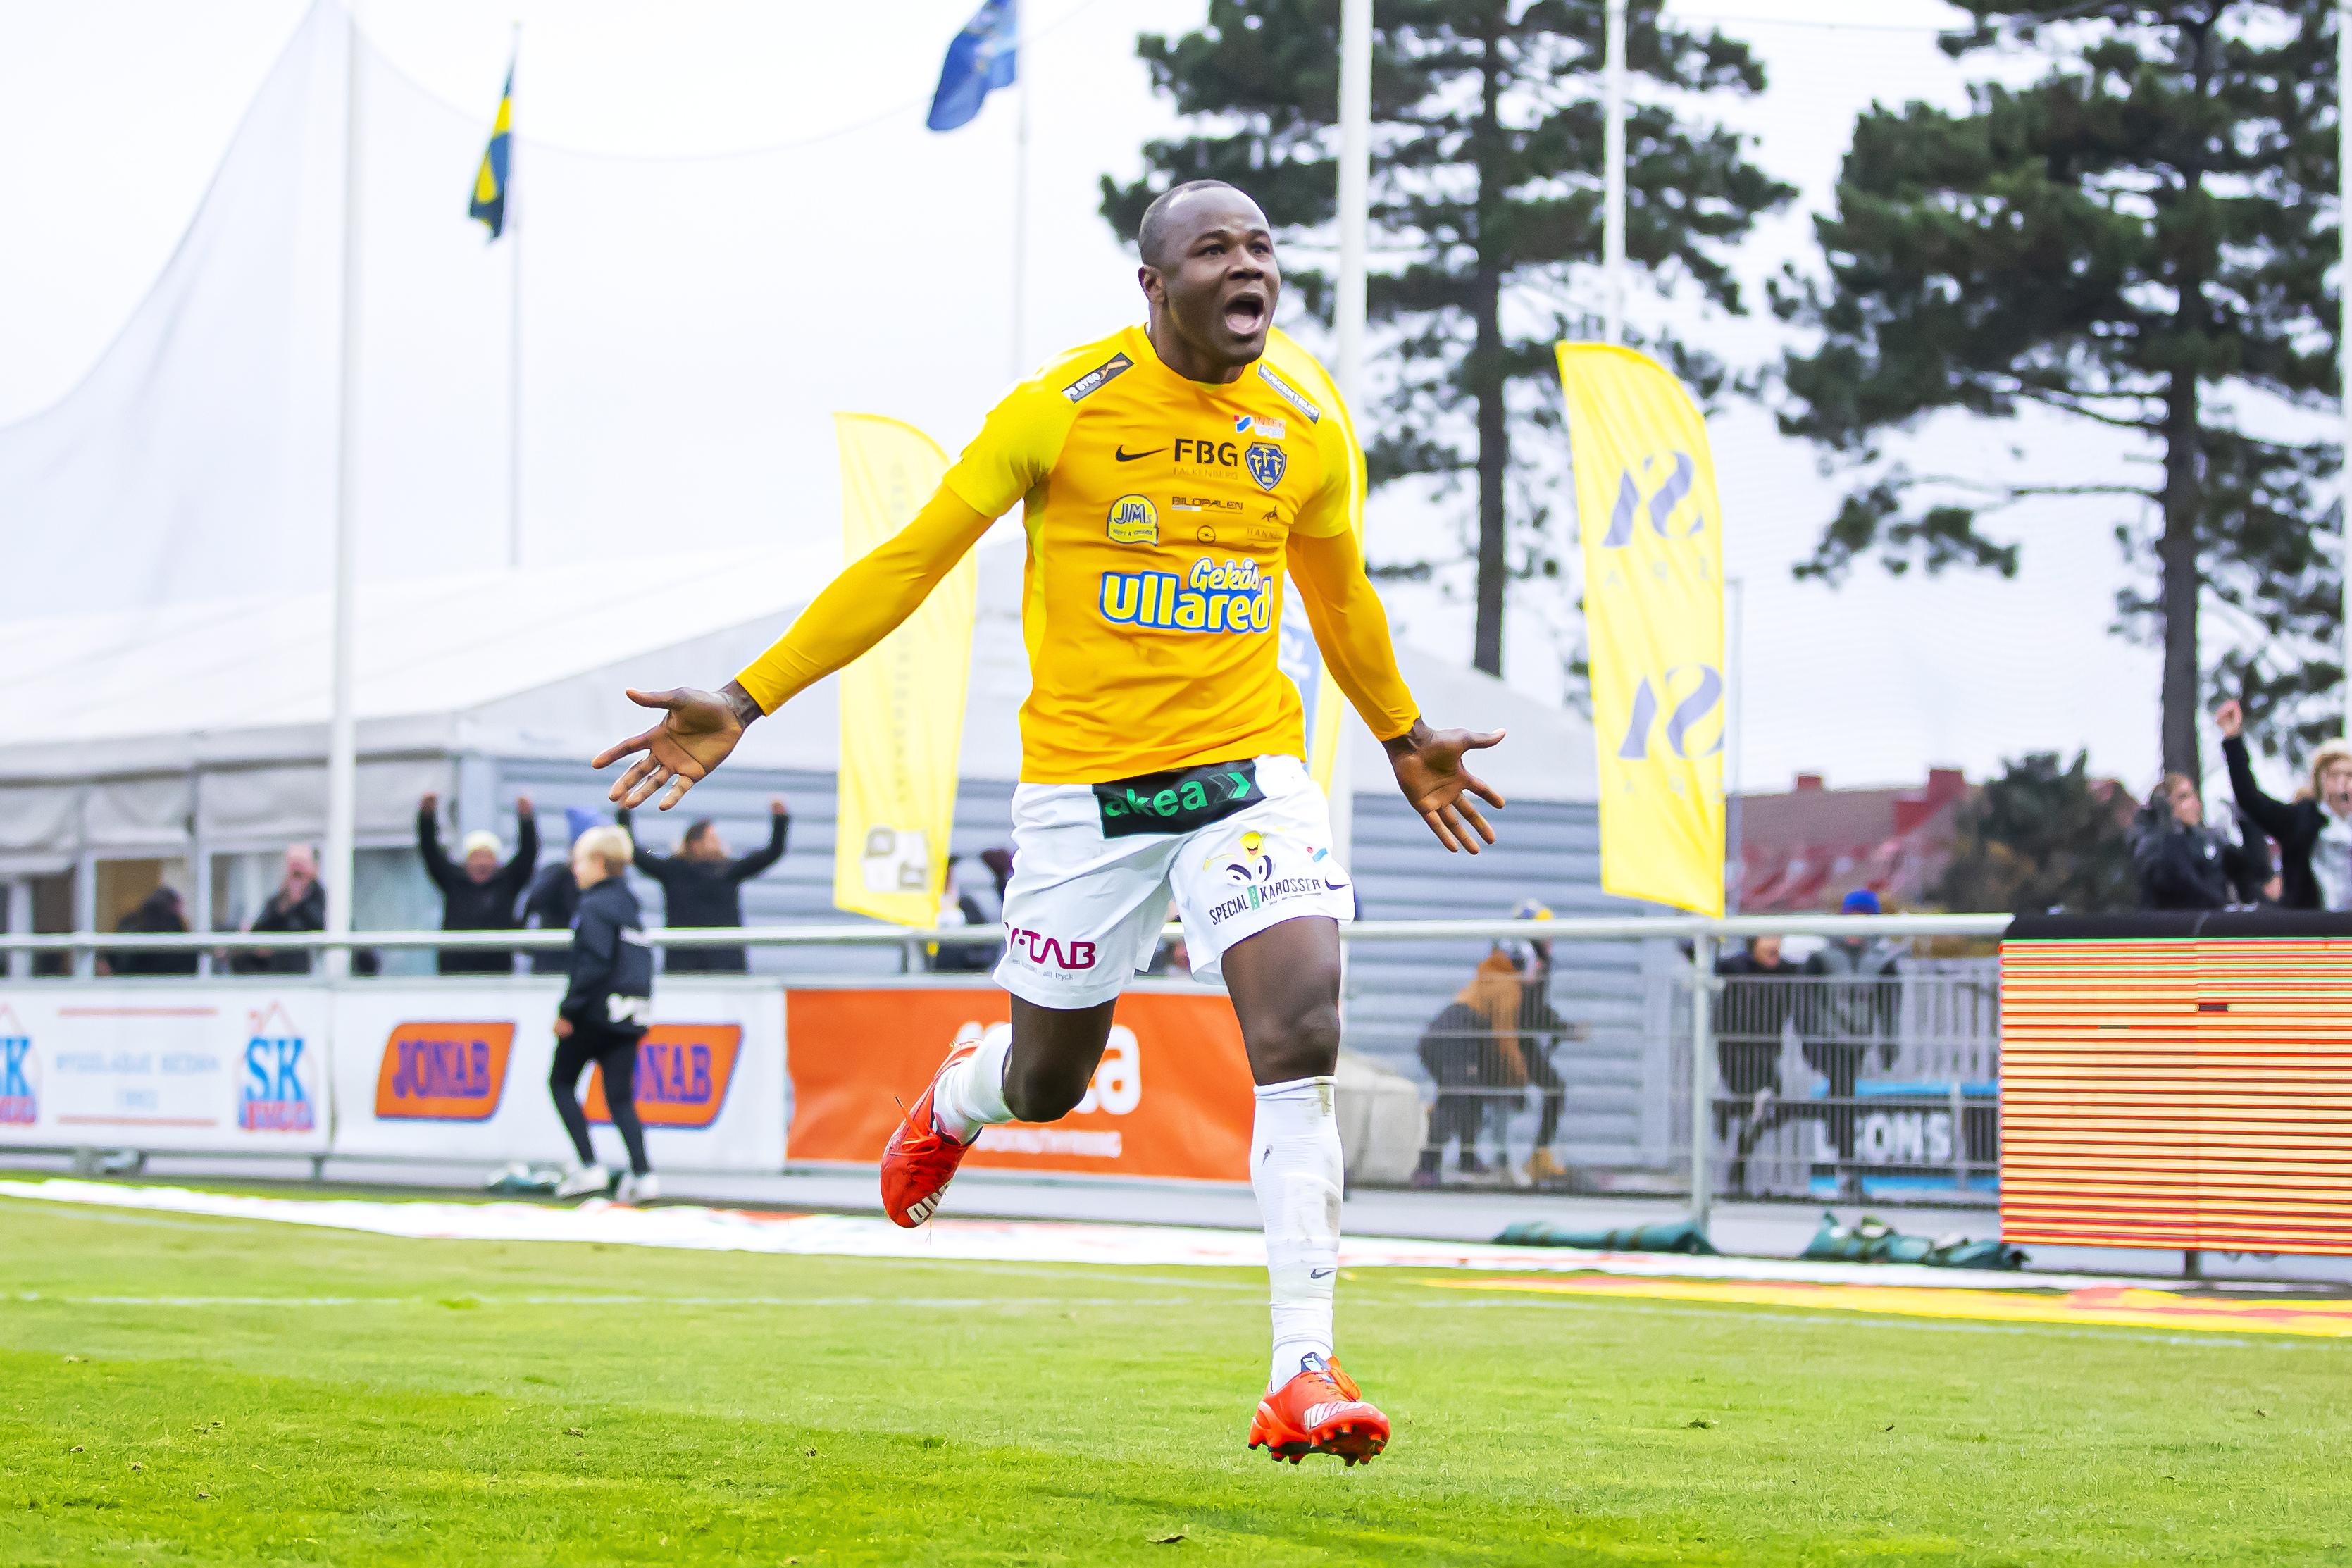 Video: Falkenbergs FF spelar Allsvenskan 2020!